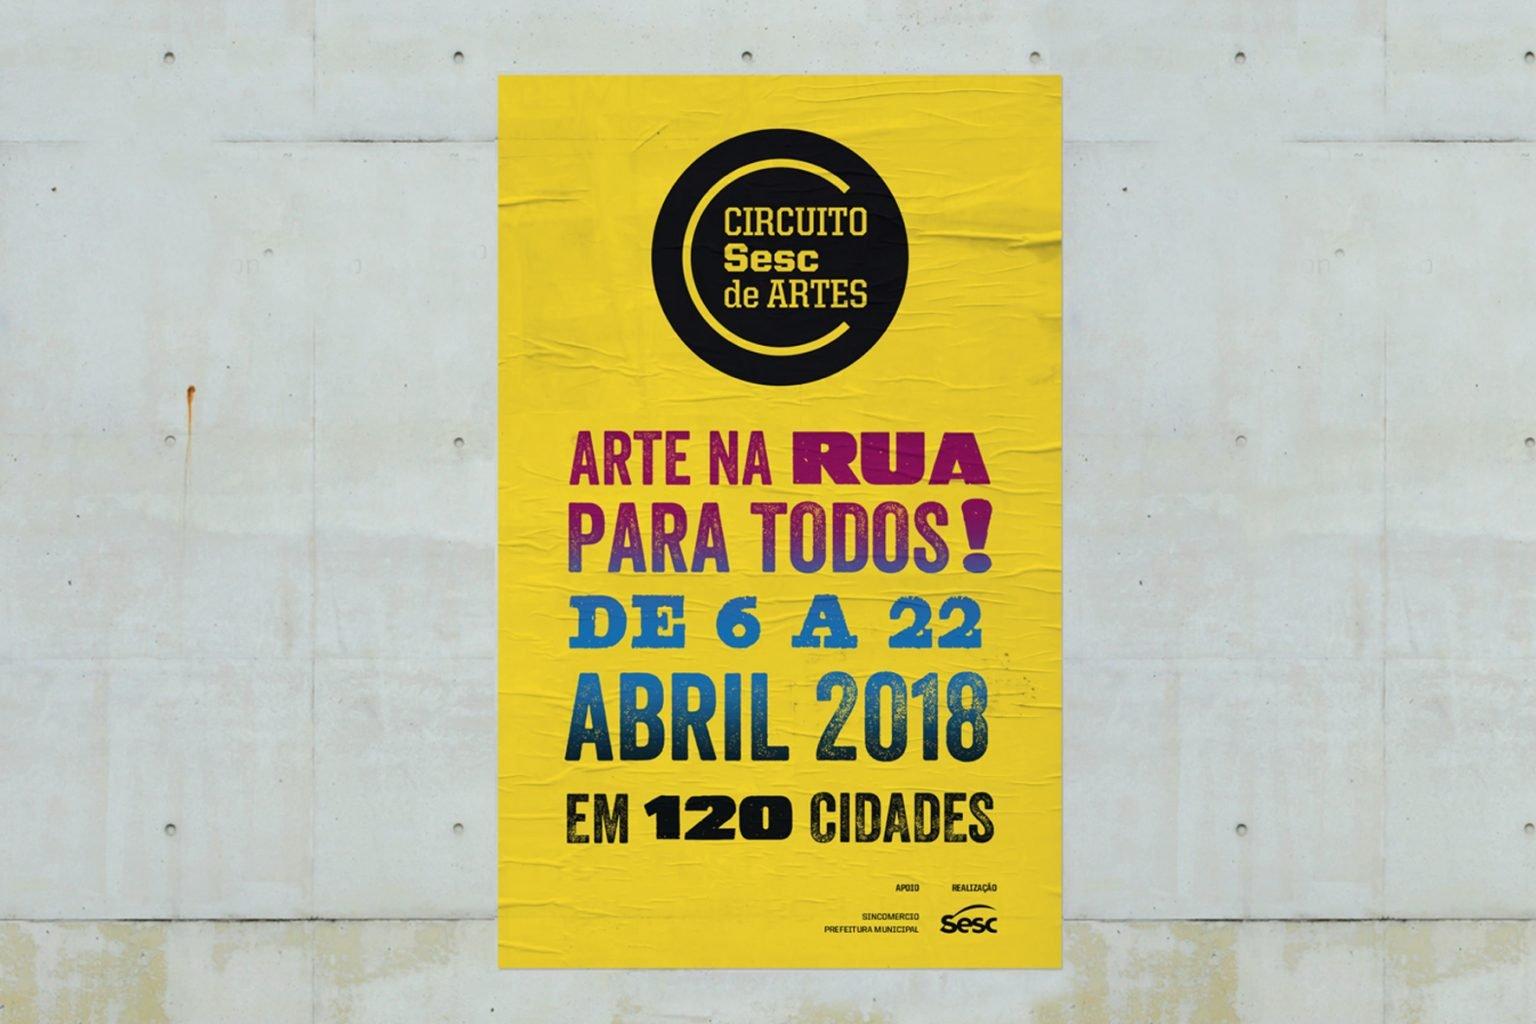 01_Circuito-Sesc-de-Artes